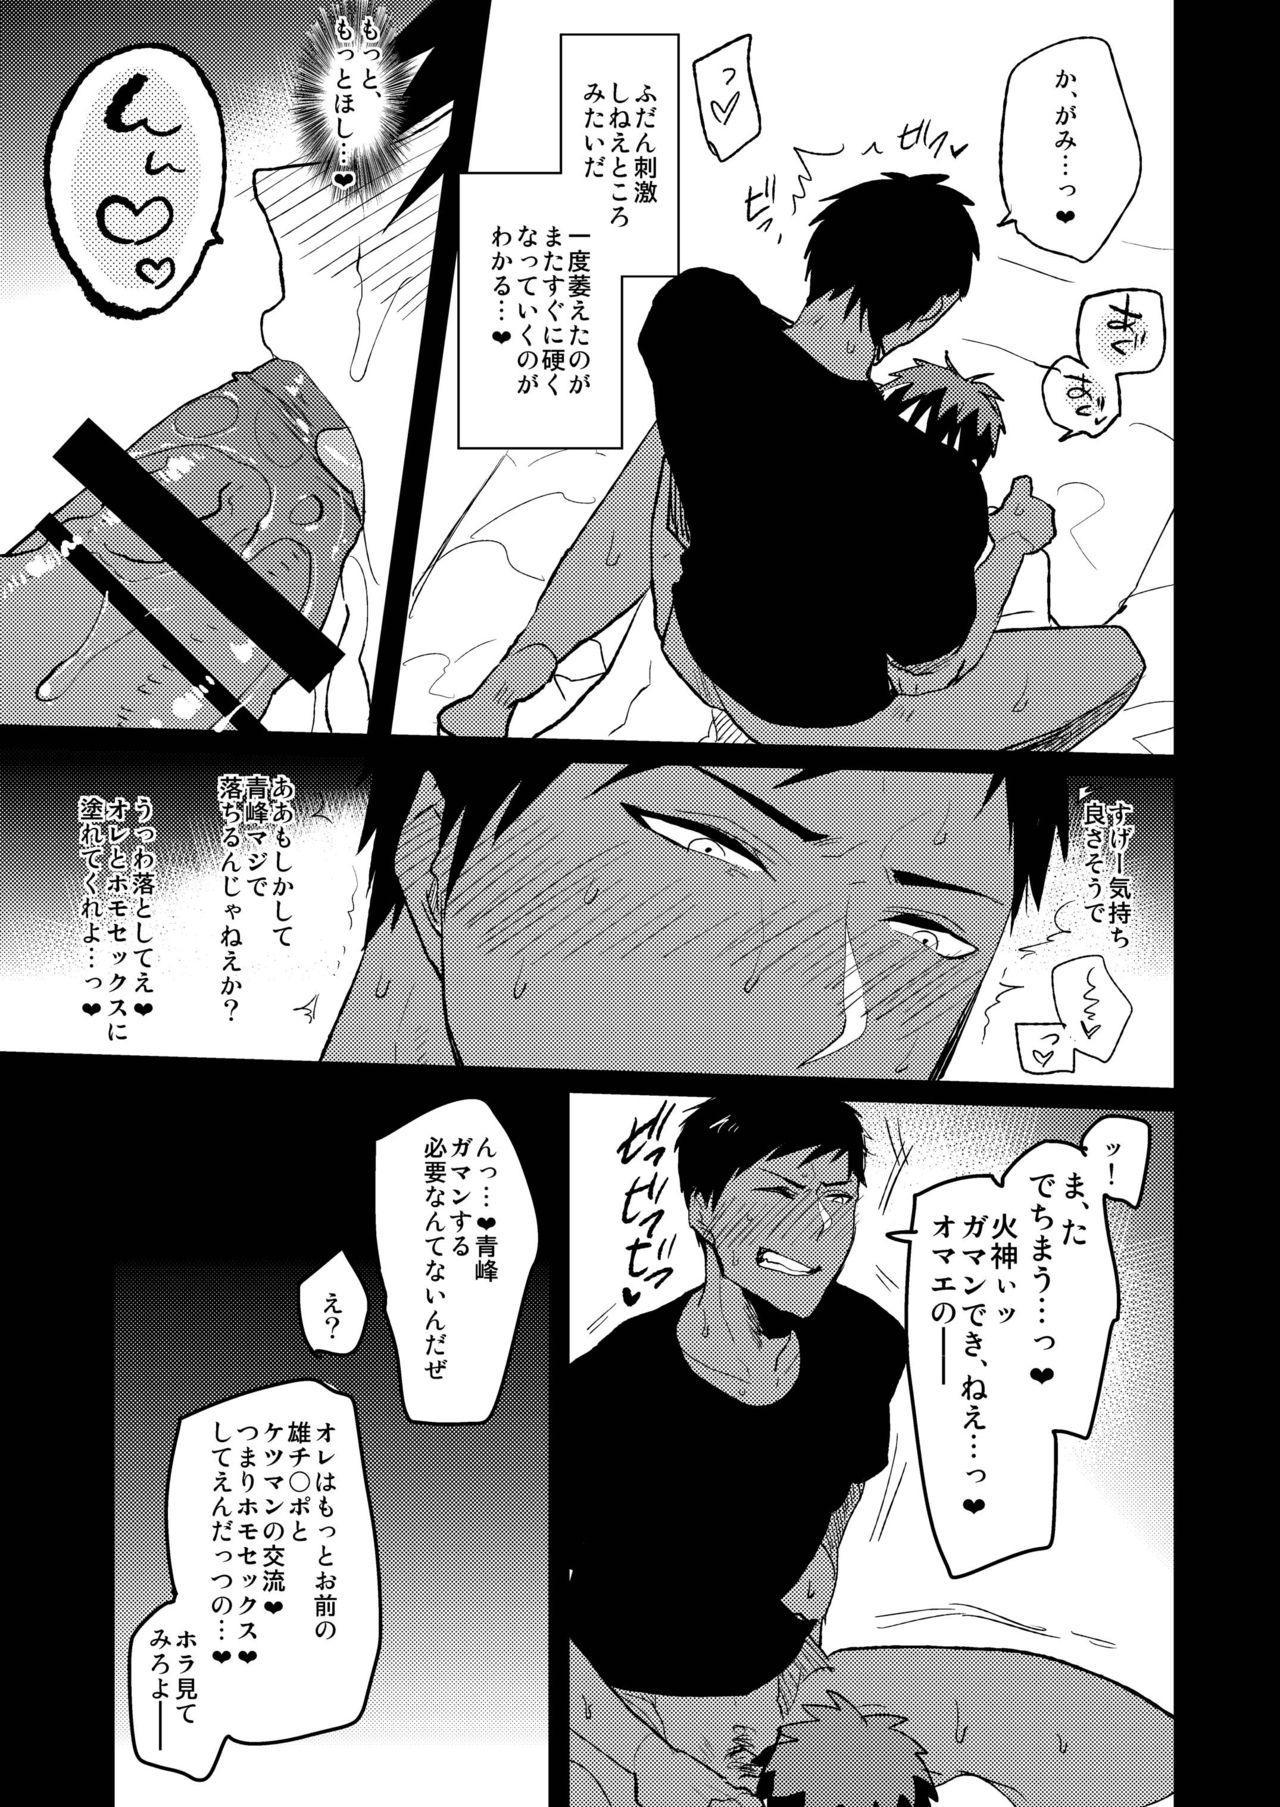 Kagami-kun no Ero hon 7 Gobusata no Kare mo Kore de Ippatsu Marude Kemono no Youna Hatsujou Sekkusu senyou Biyaku 9